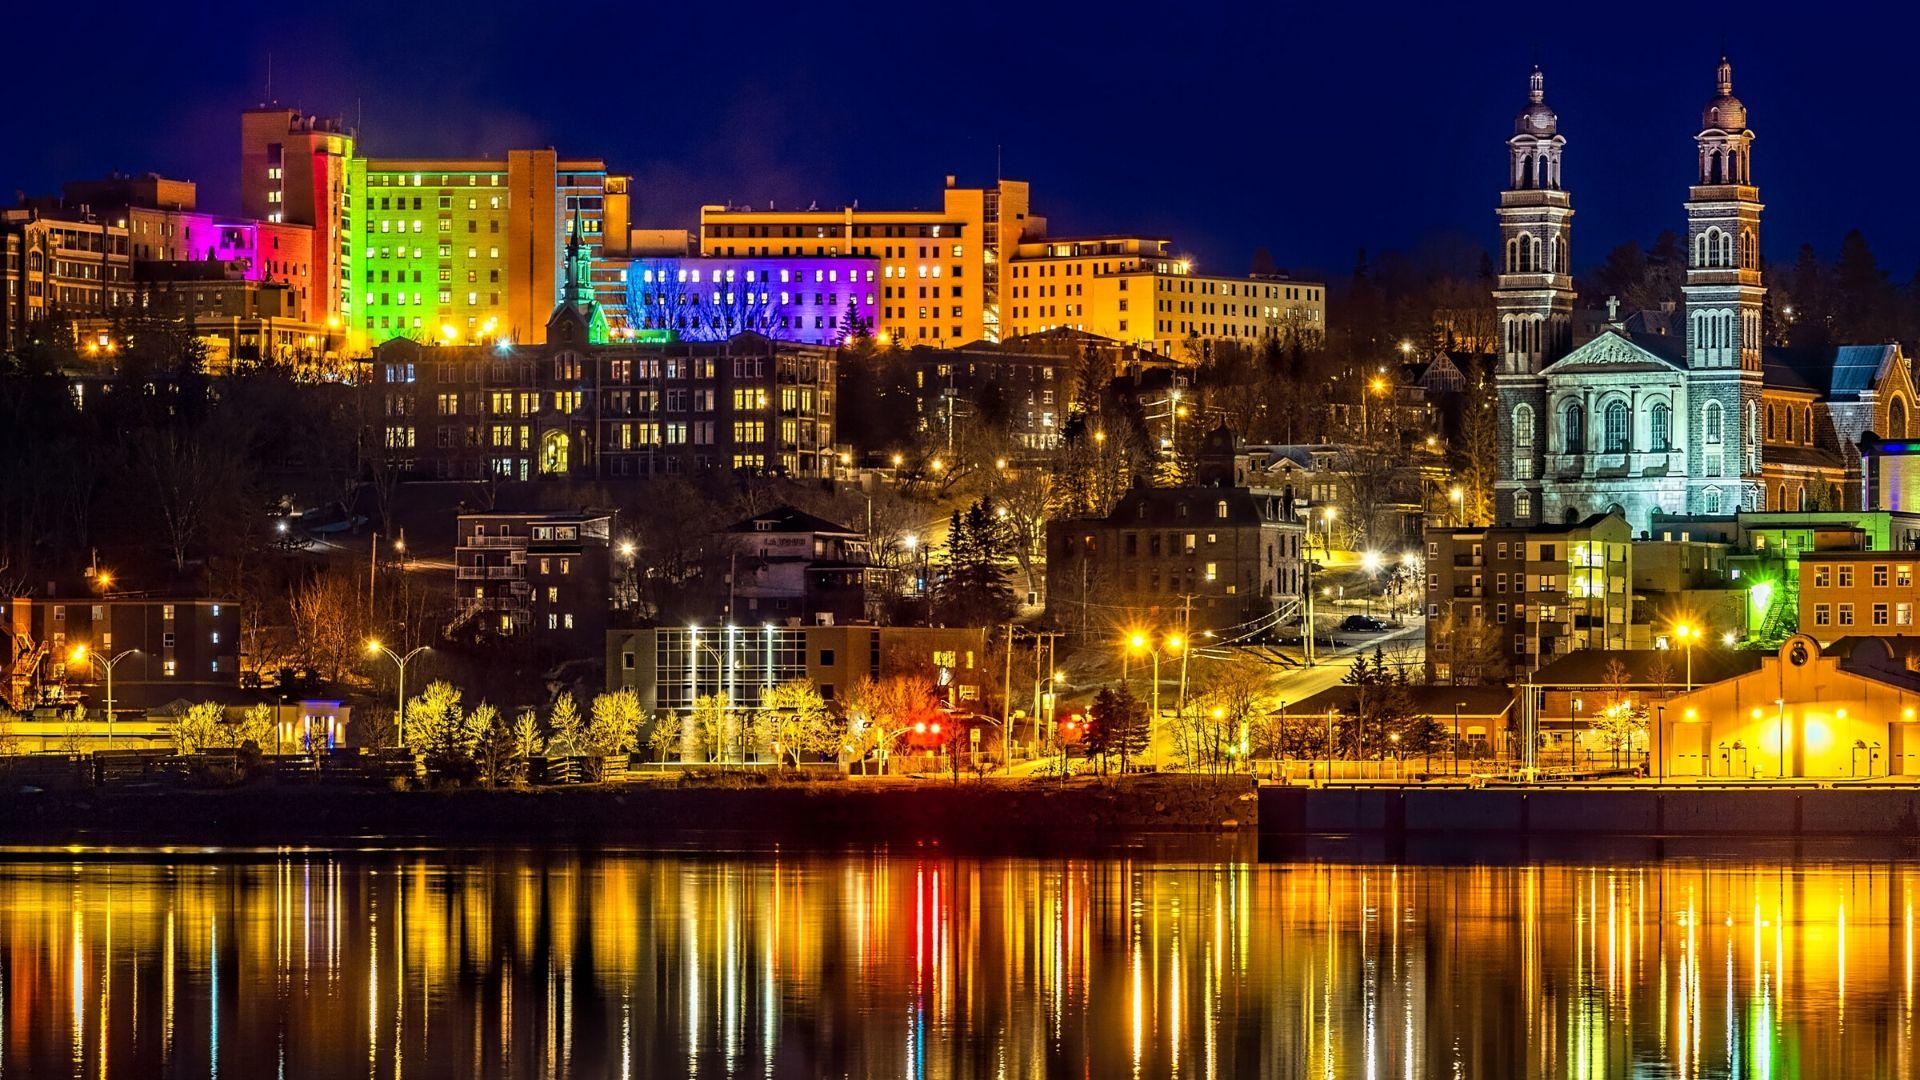 Le centre-ville de Saguenay la nuit.